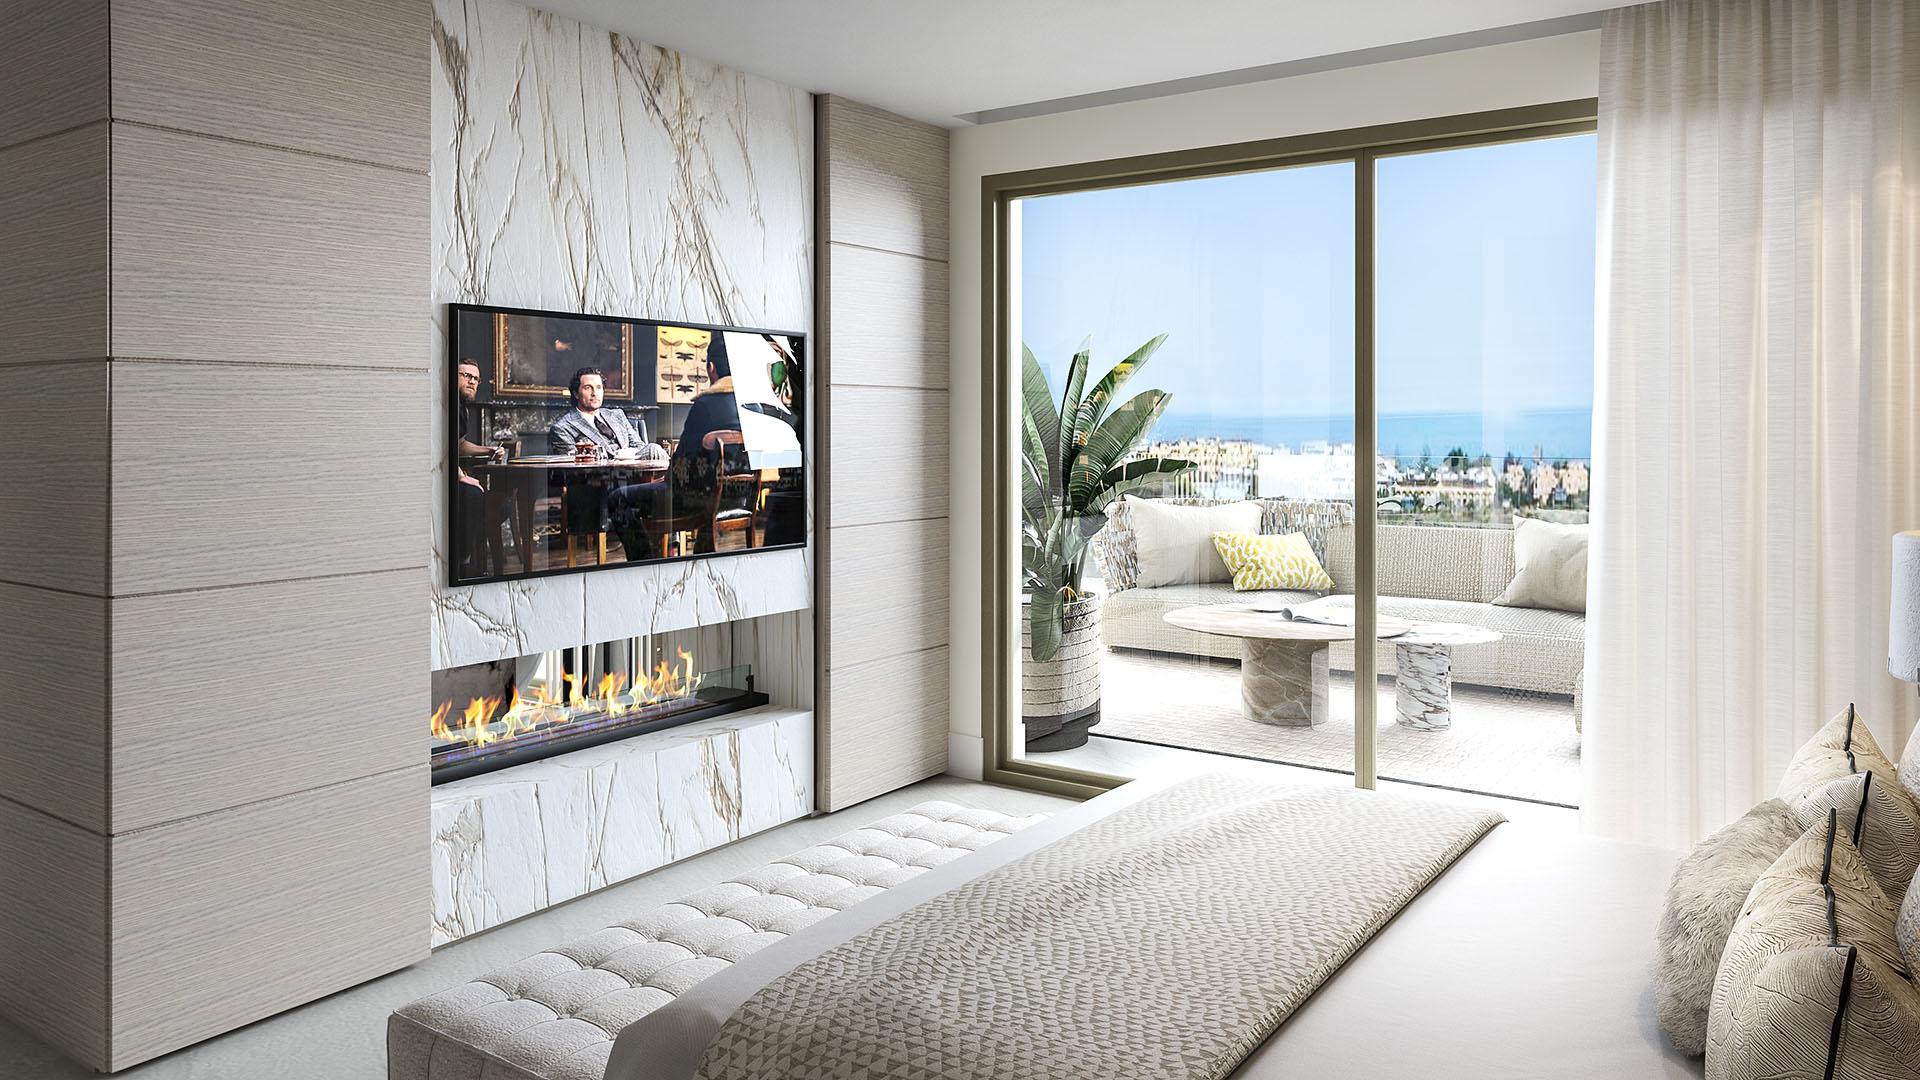 Celeste Marbella: Luxe ontwikkeling in het hart van Nueva Andalucía, Marbella